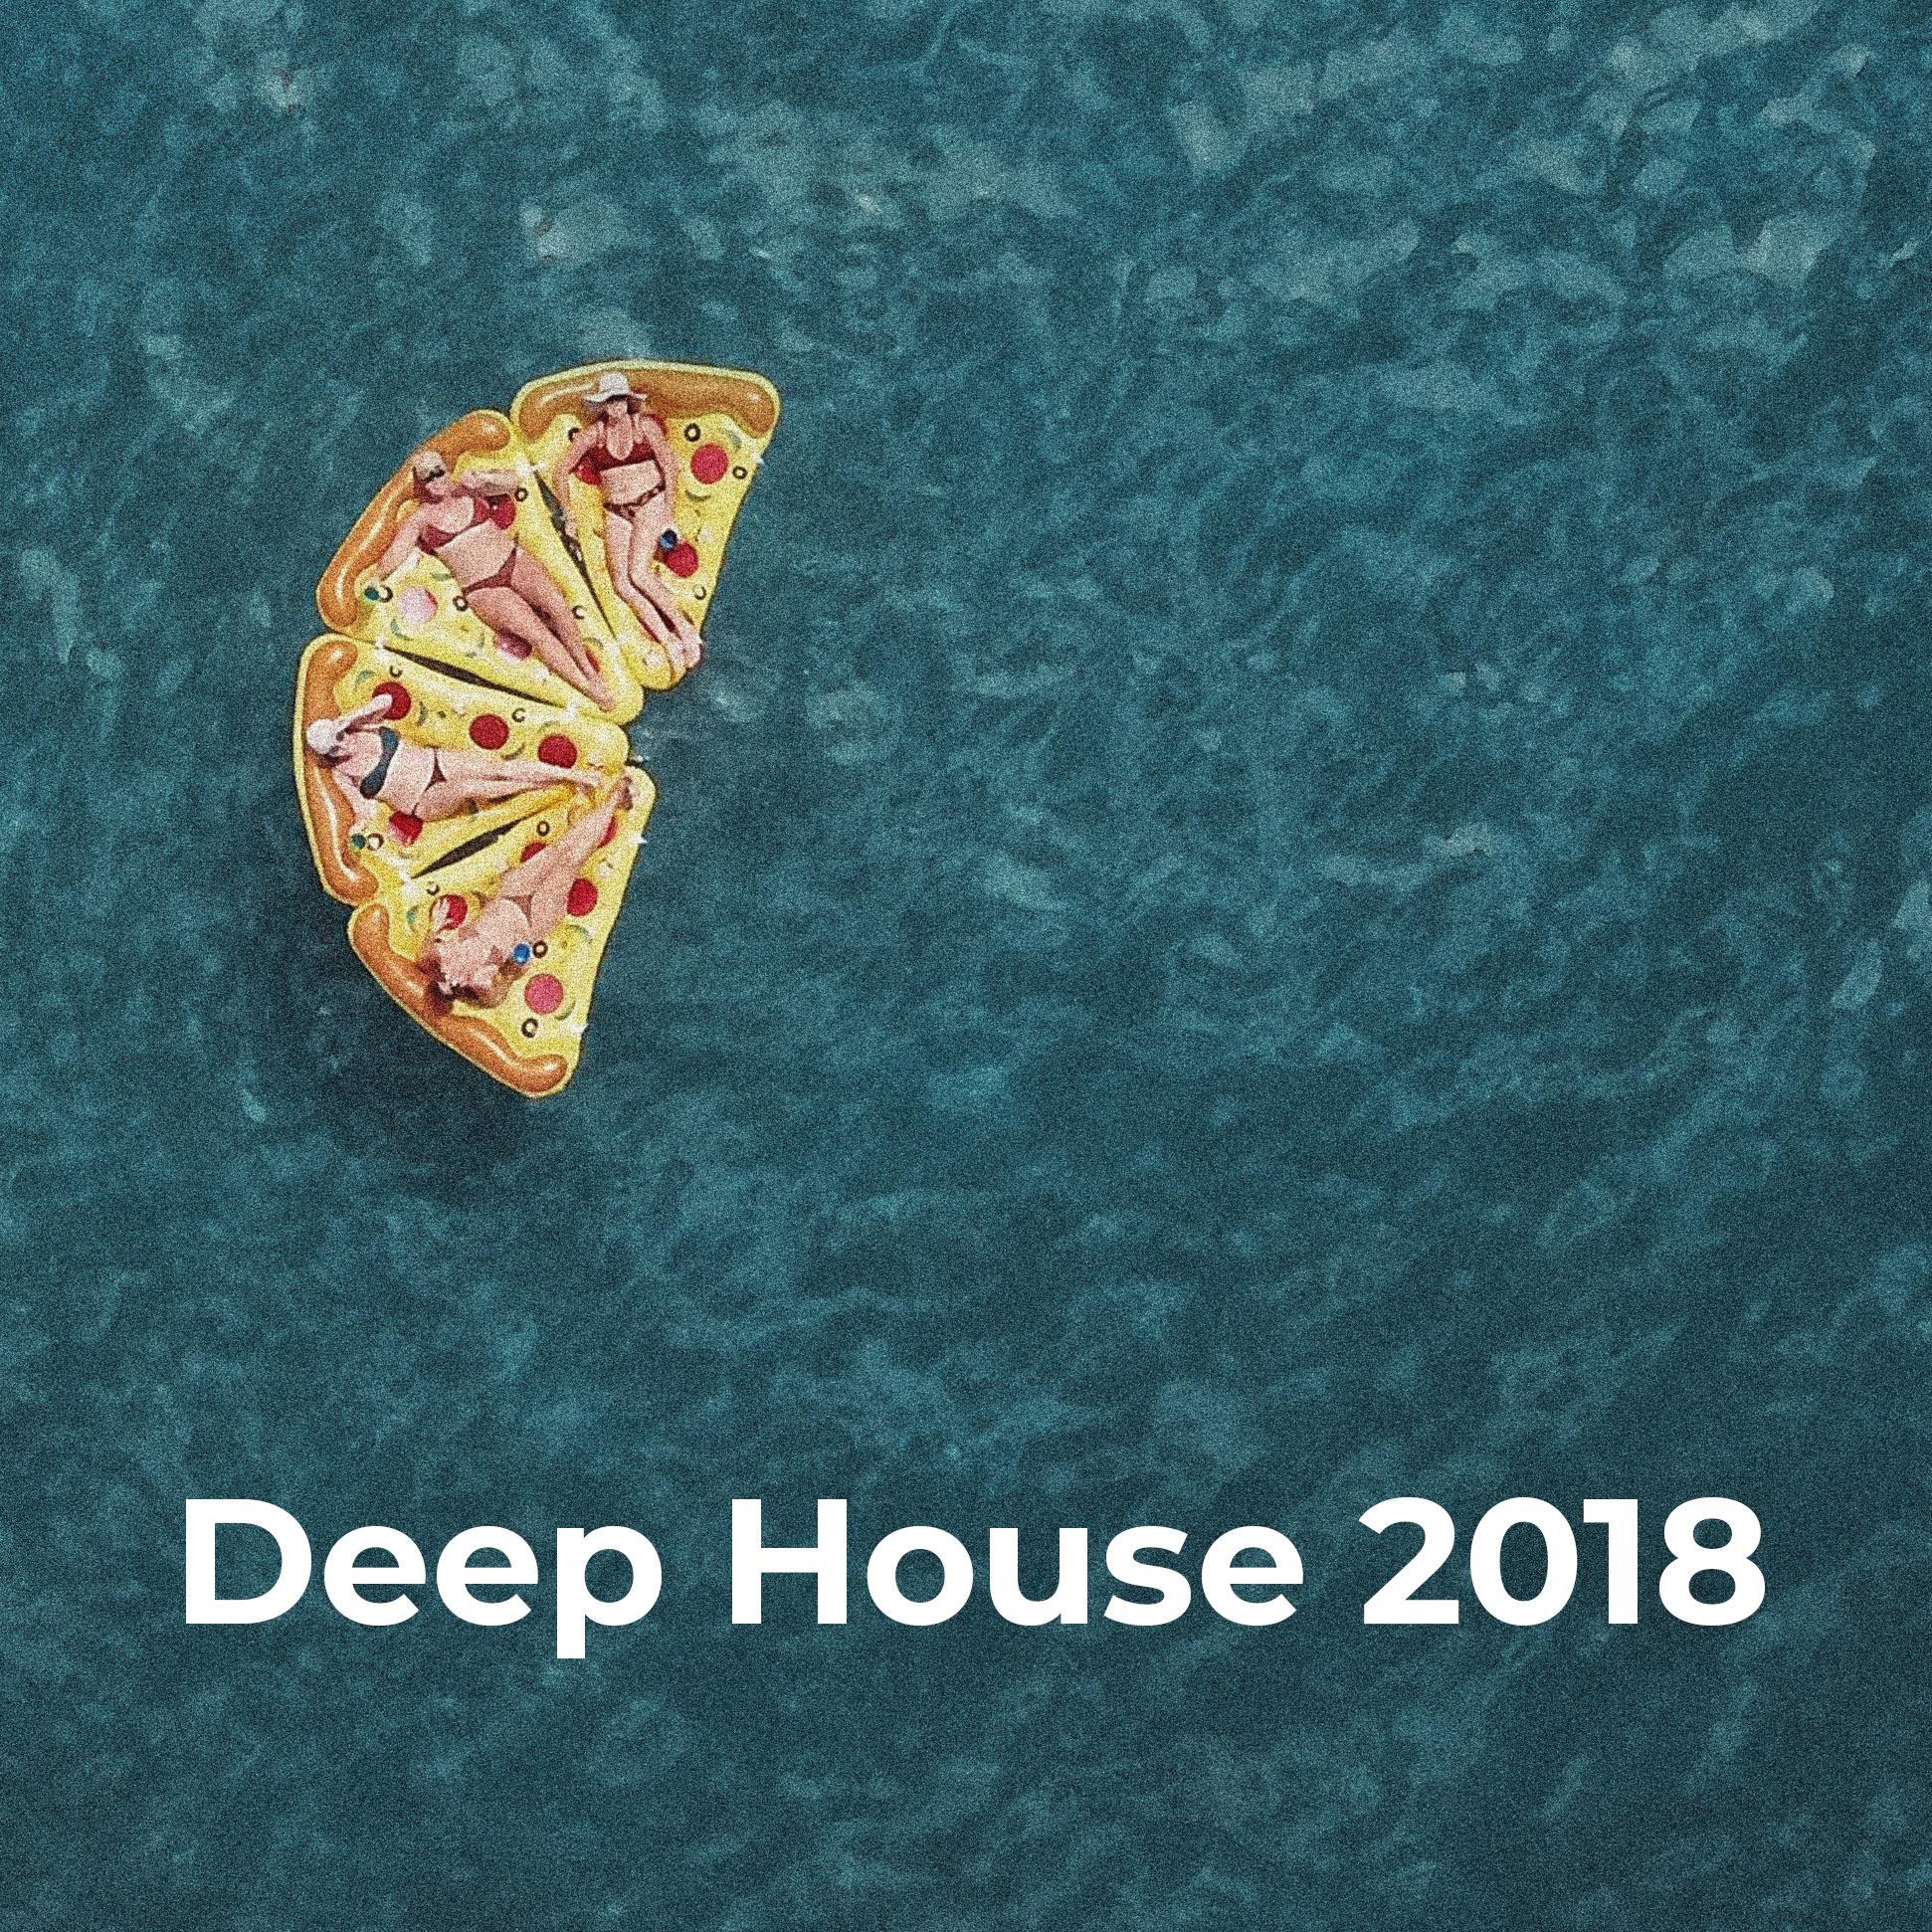 Deep House 2018 Playlist - Kolibri Music